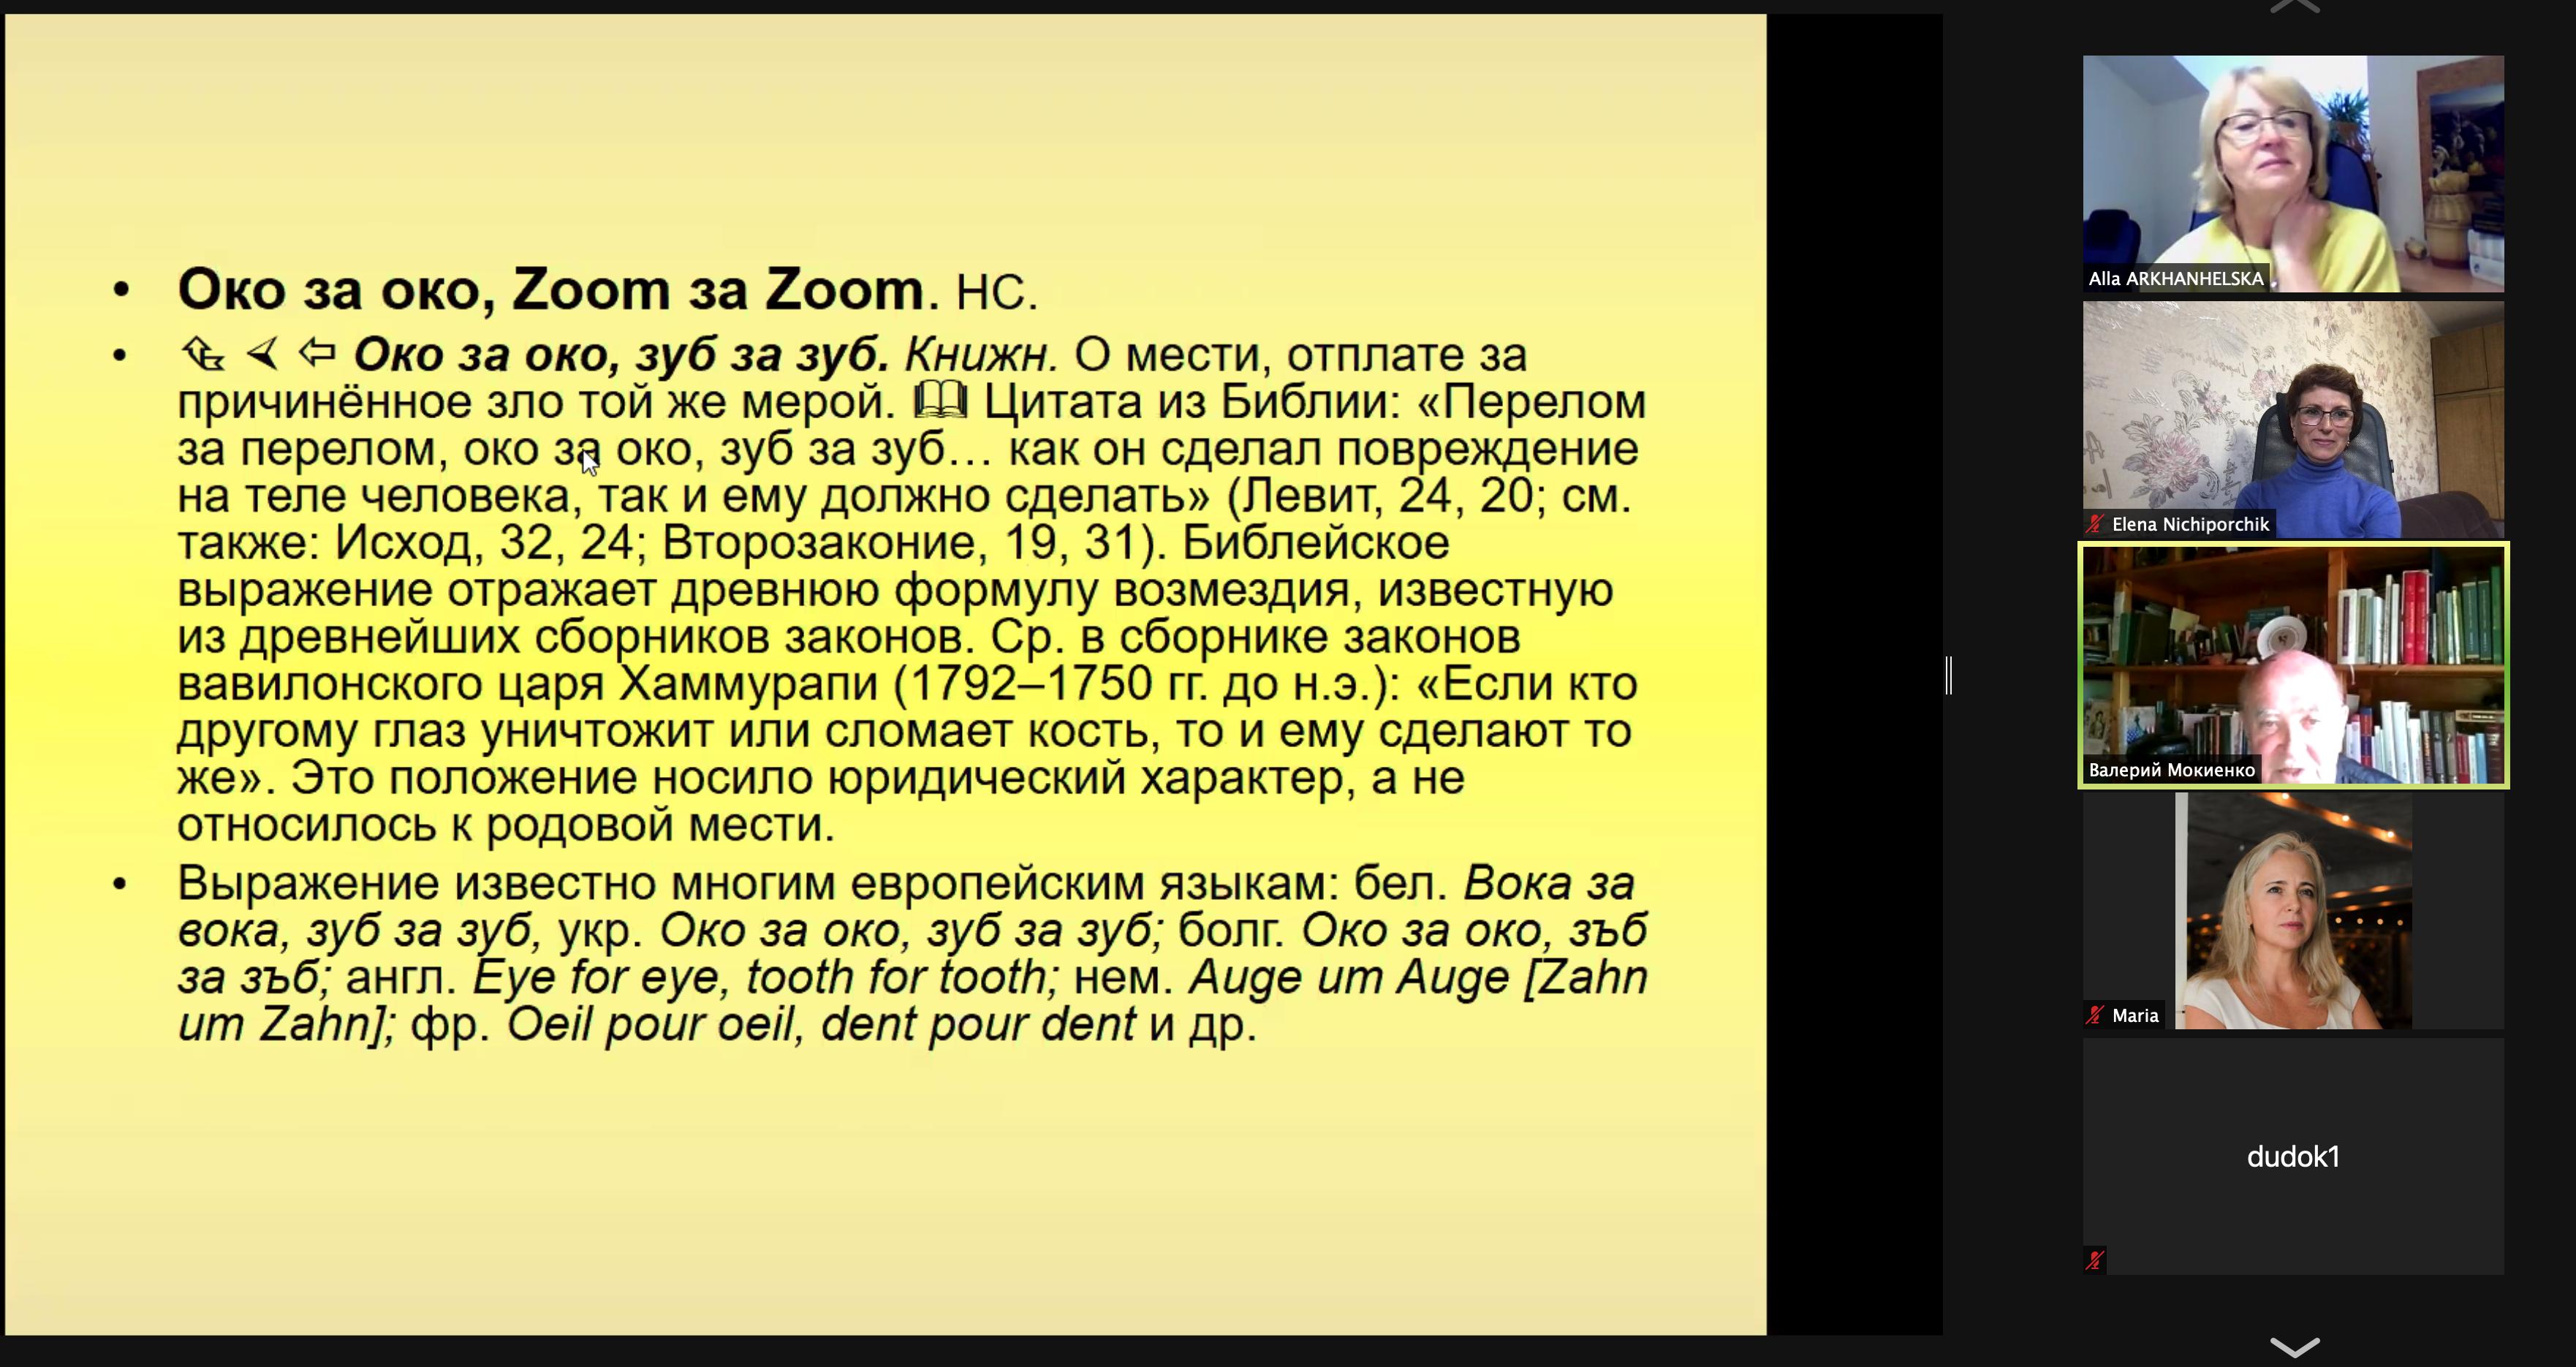 Снимок экрана 2021-05-17 в 19.35.31.png